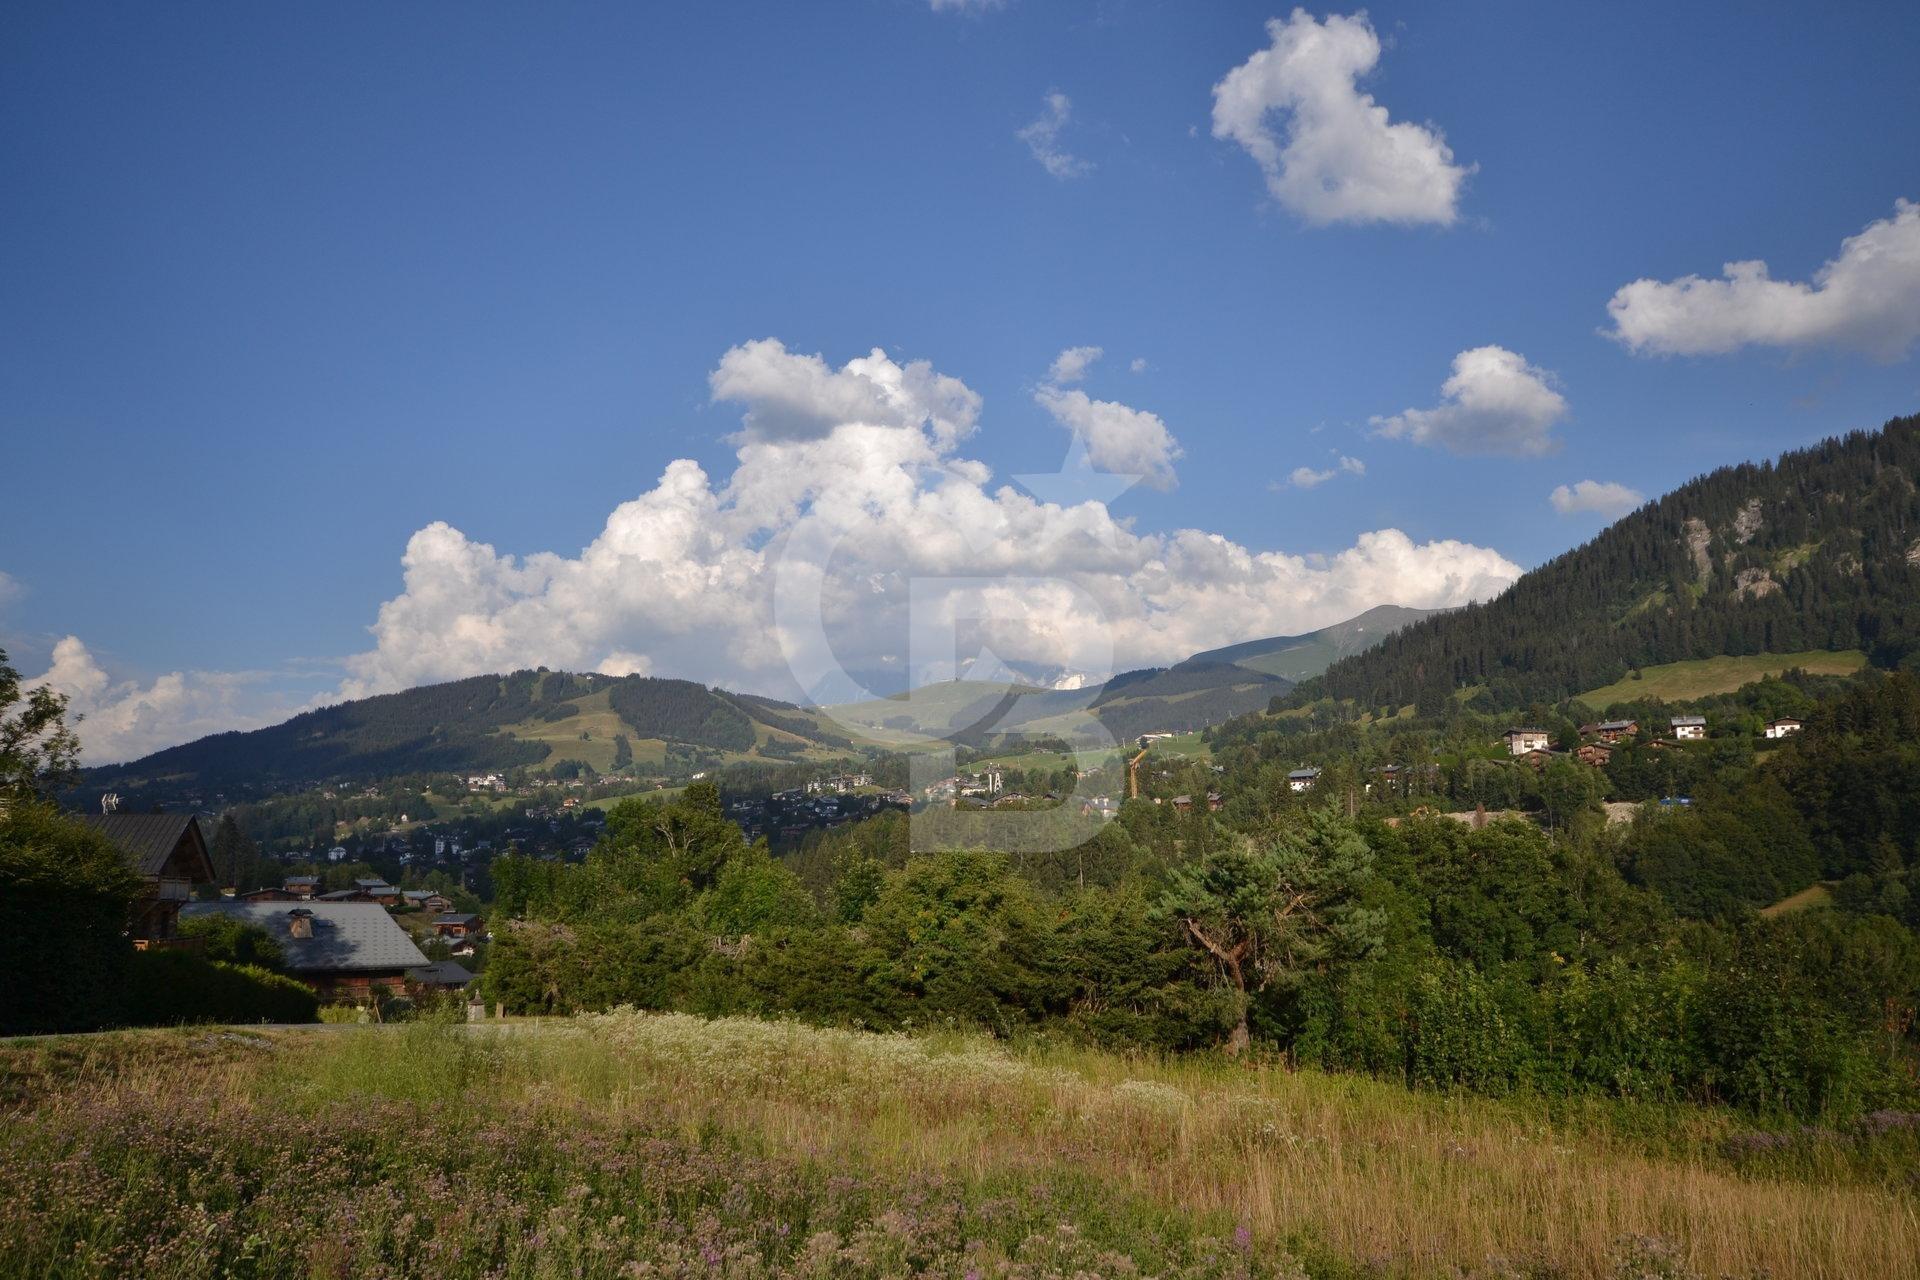 Vente Chalet - Megève